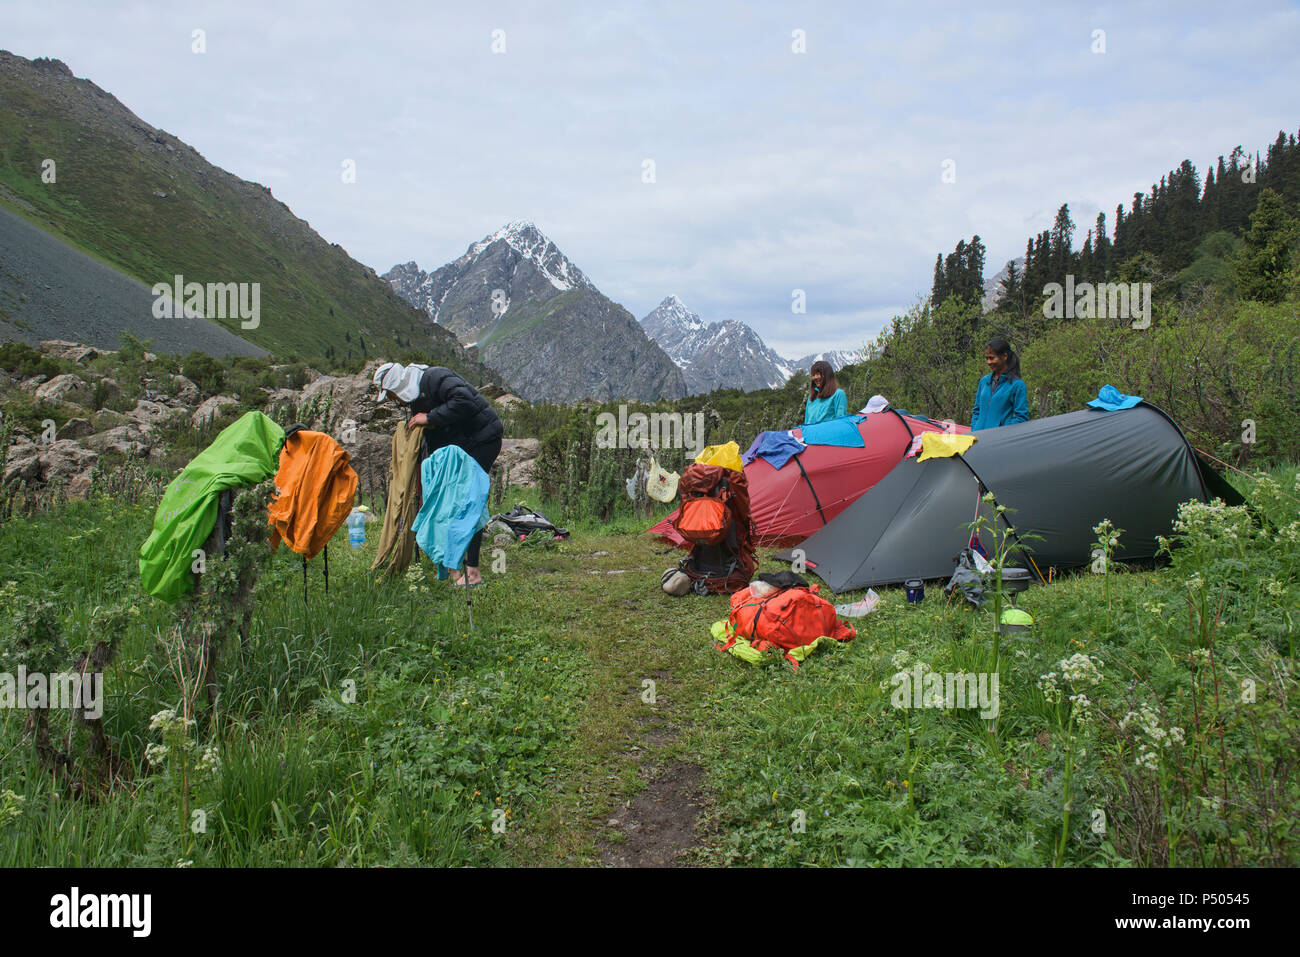 Bunte alpine Camp in den Tian Shan Gebirge, Karakol, Kirgisistan Stockbild